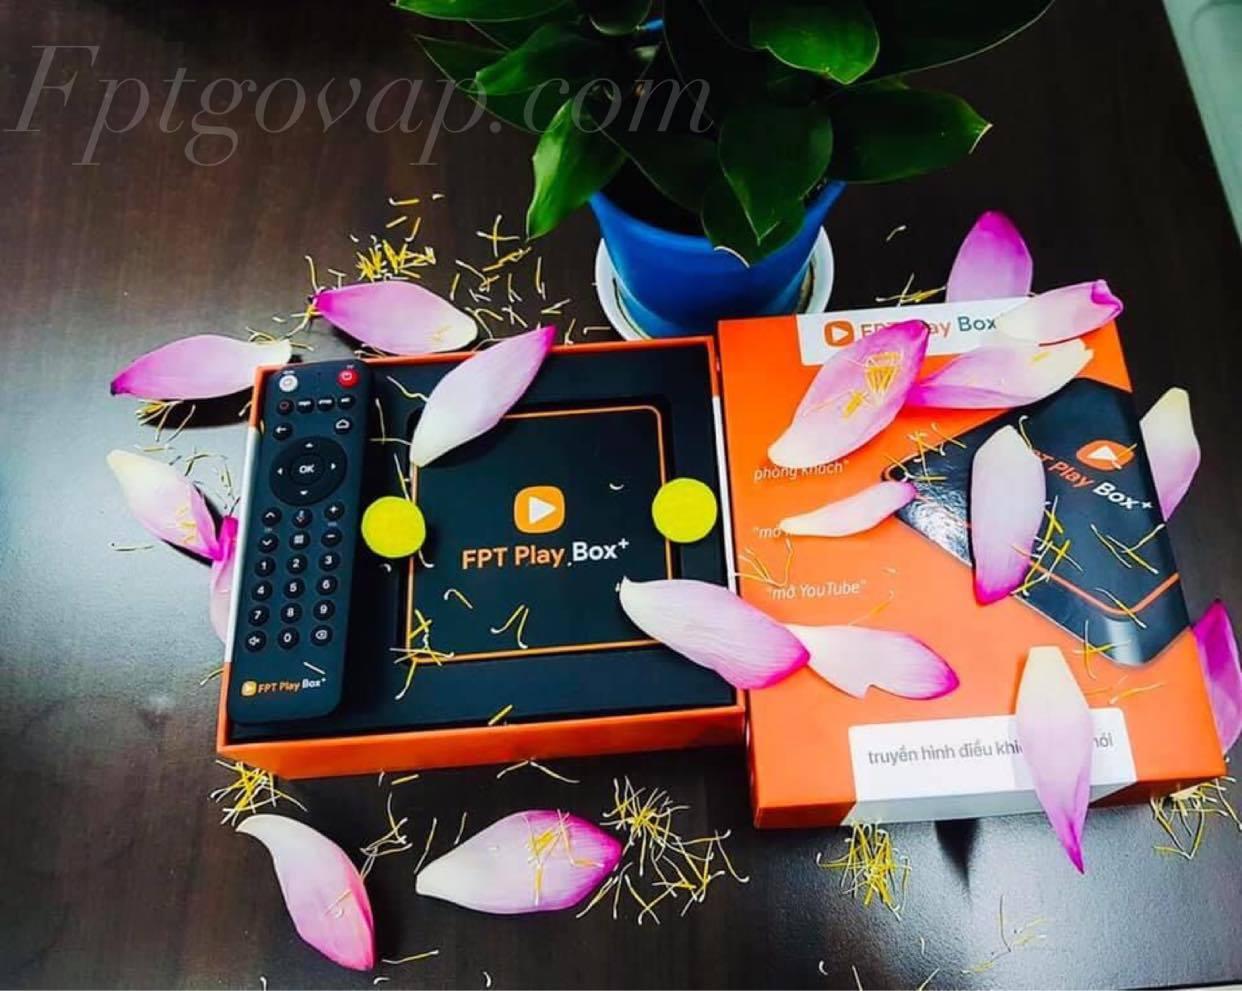 FPT Play Box - Sản phẩm công nghệ cao cấp của FPT Trảng Bom.